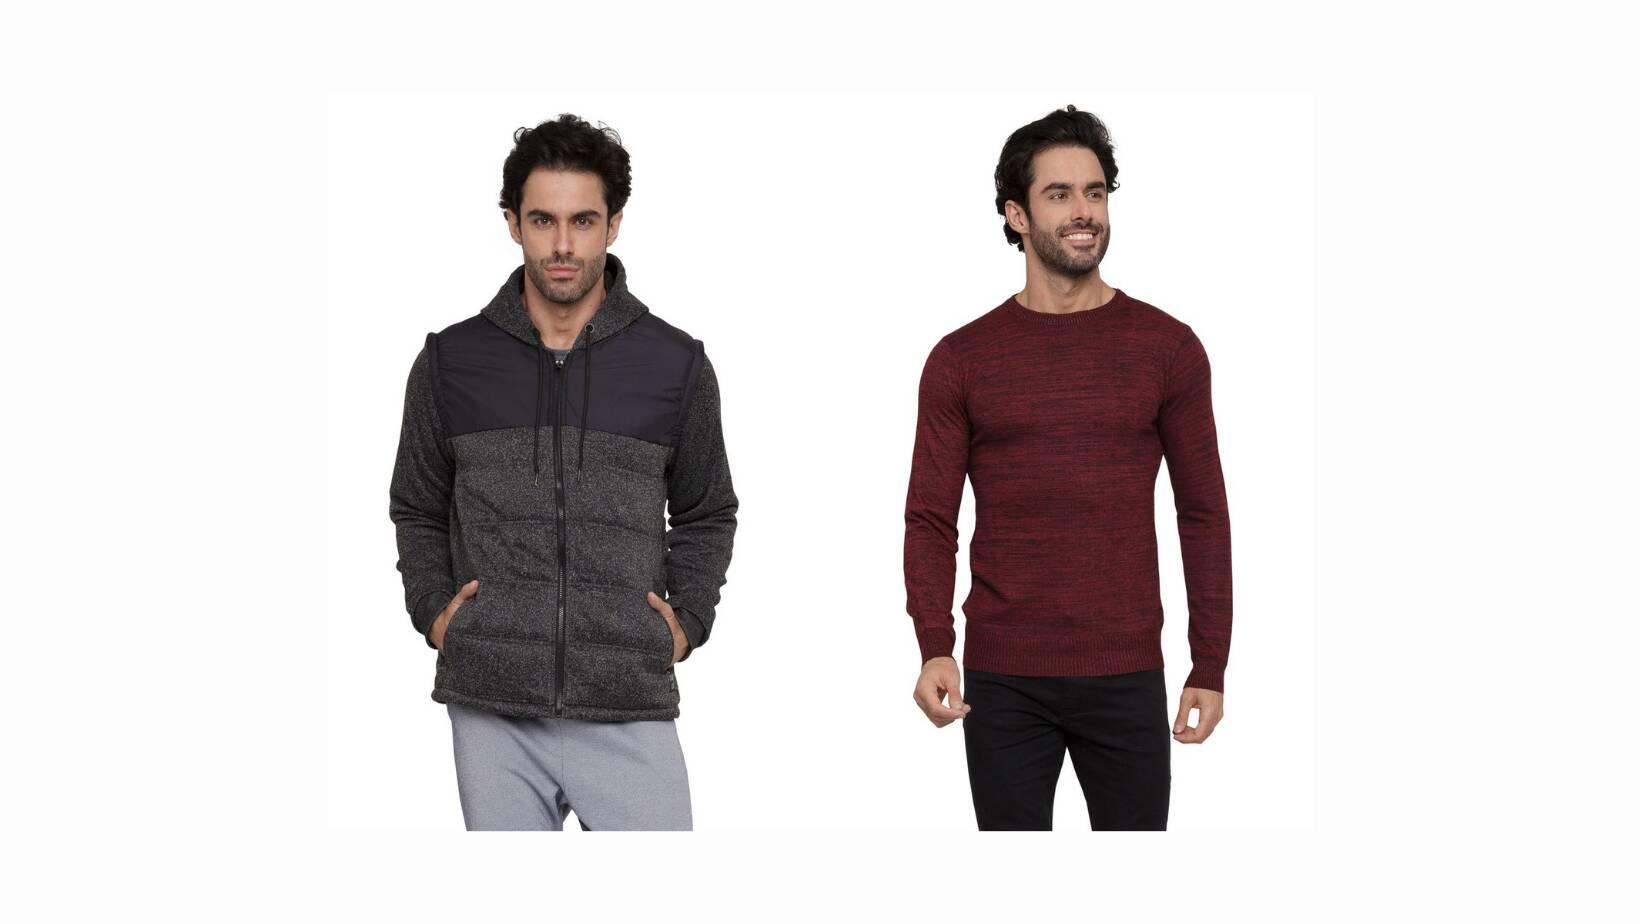 Suéter masculino mescla fechado Caedu, R$ 59,99. Jaqueta masculina zíper Caedu, R$ 119,99.. Foto: Divulgação